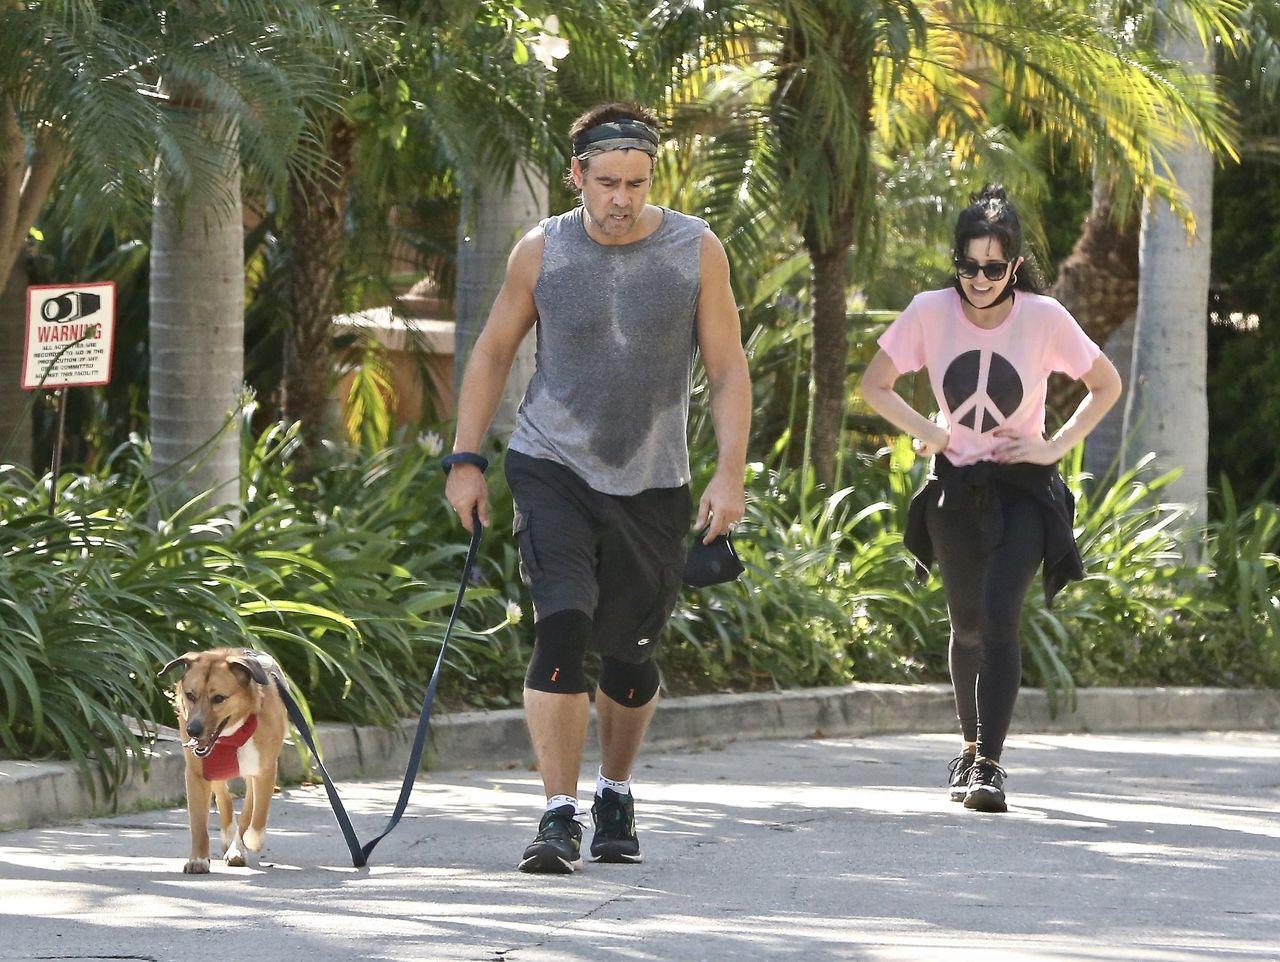 Colin Farrell z siostrą Claudine Farrell po joggingu